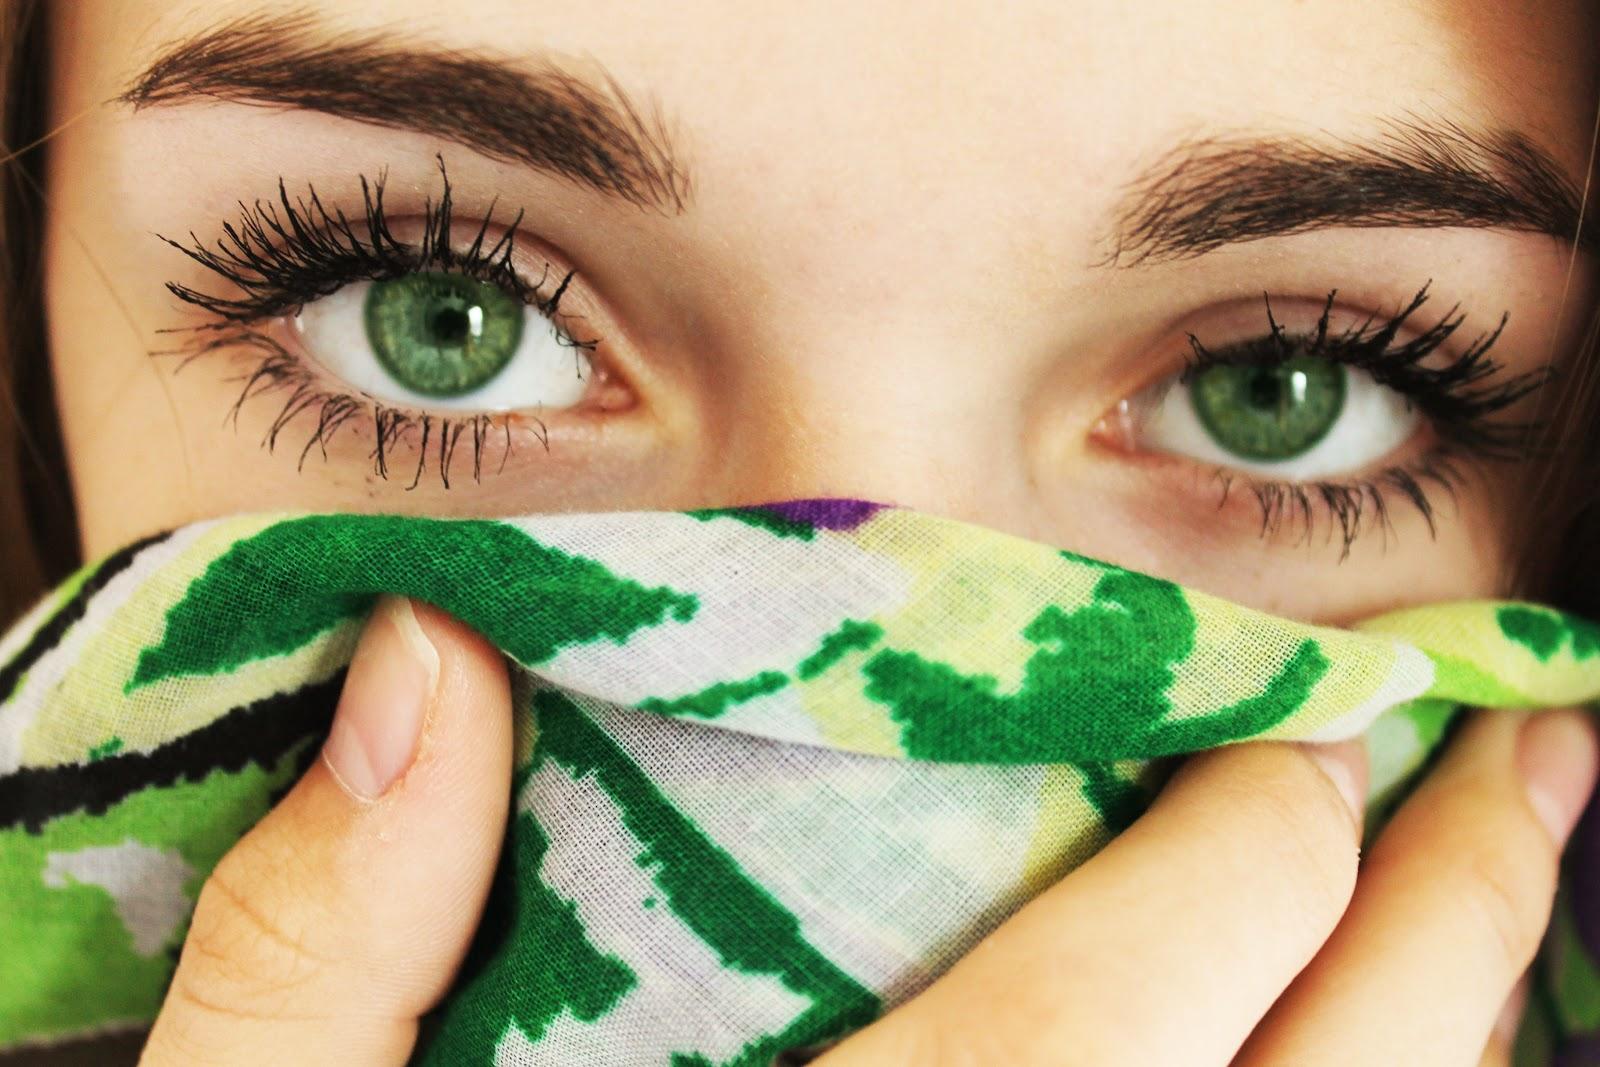 SAVCHYN: Grüne Augen, Froschnatur- von der Liebe keine Spur!